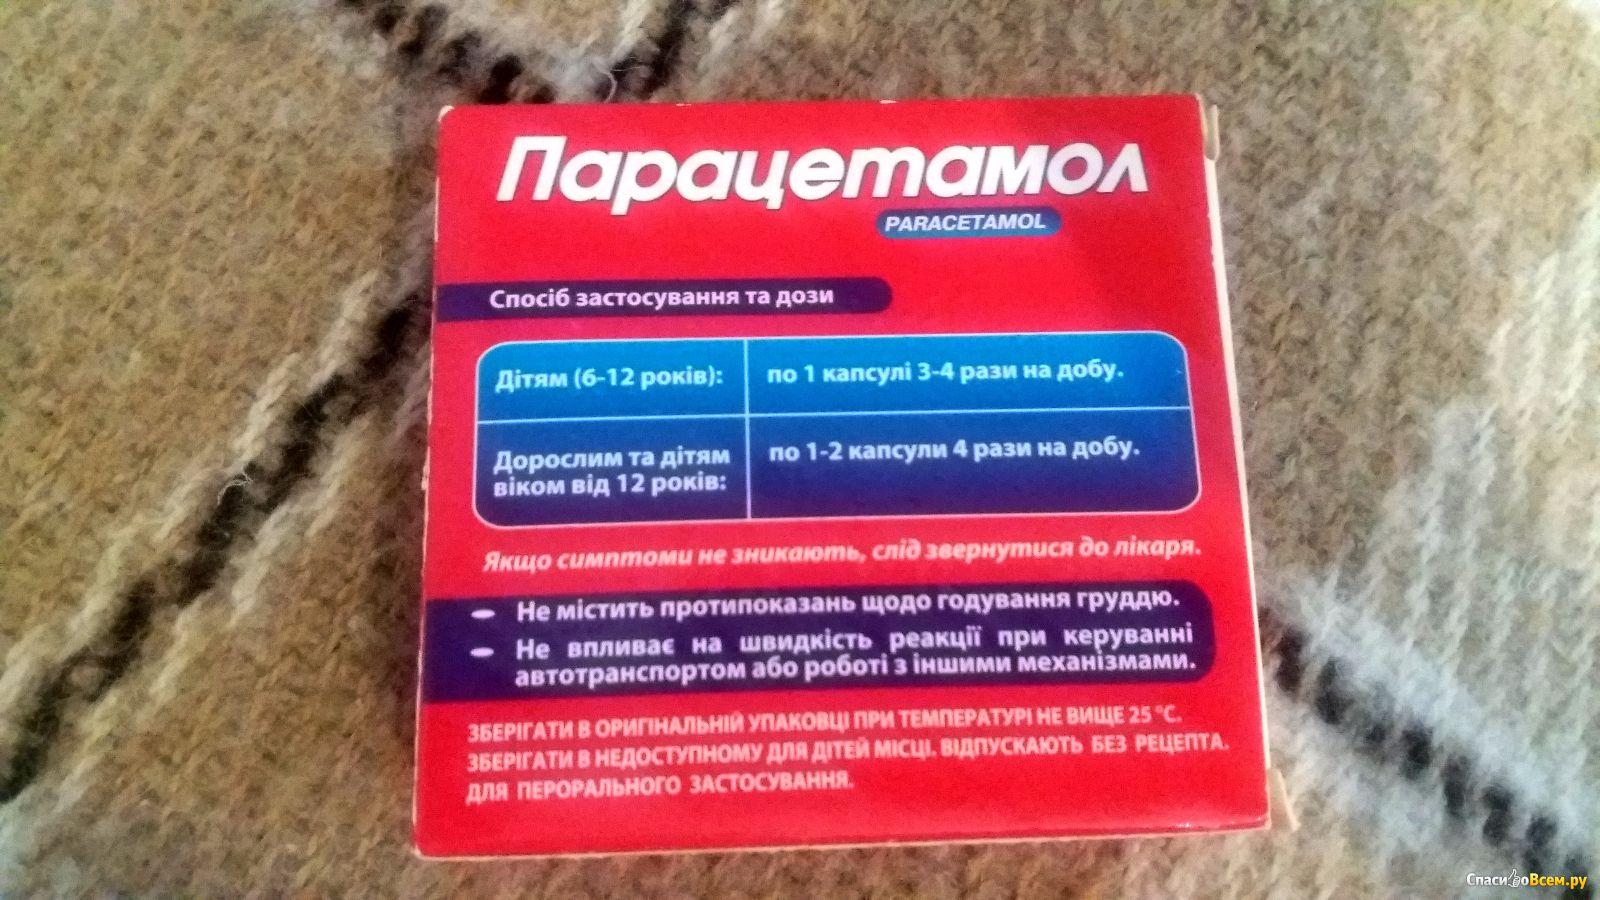 Дозировка парацетамола для беременных при температуре 87